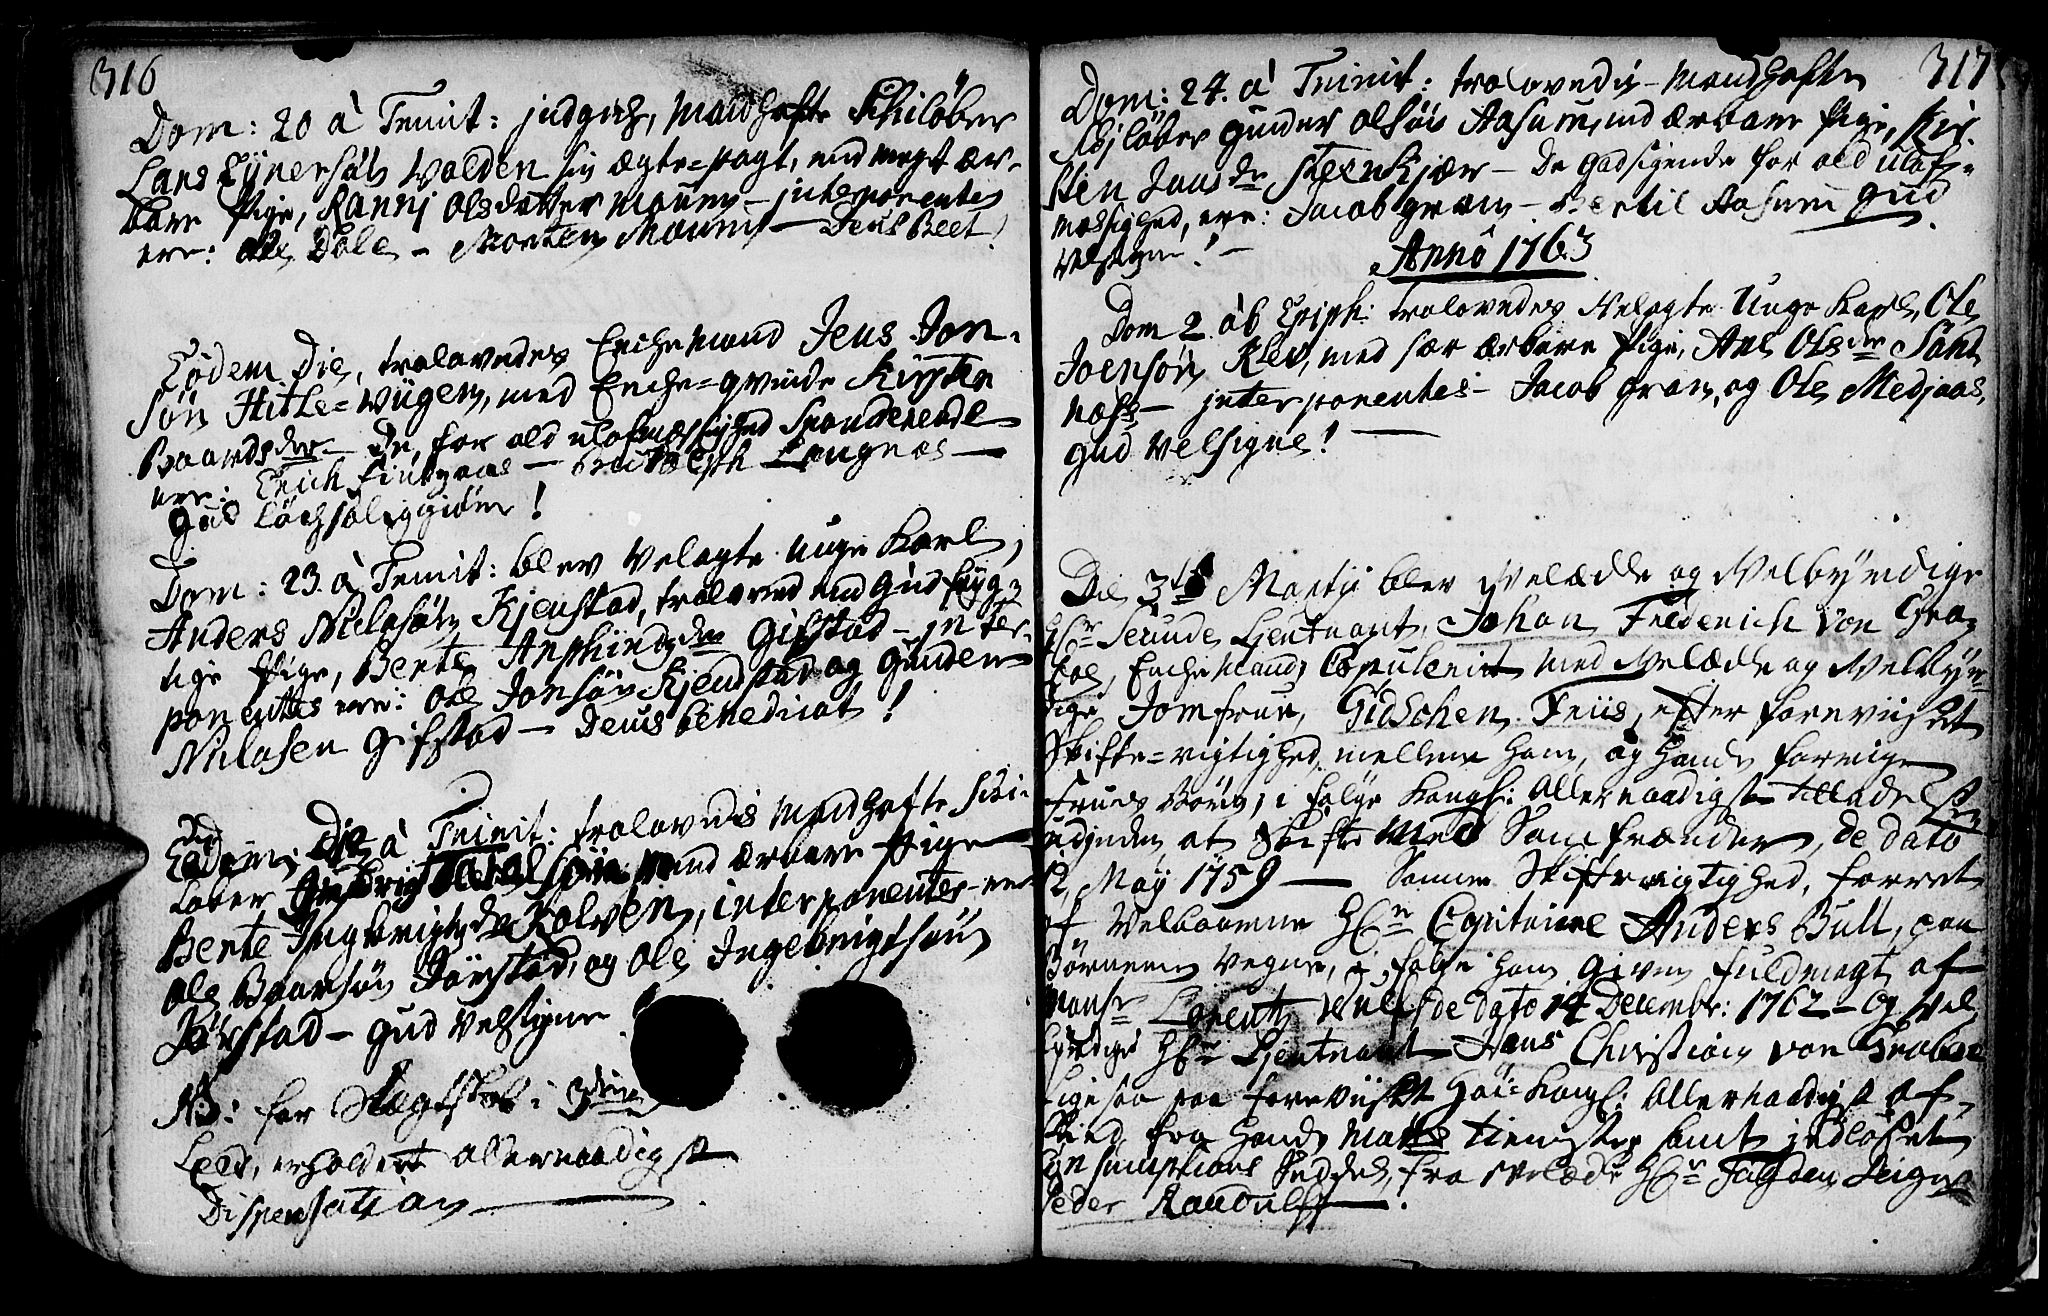 SAT, Ministerialprotokoller, klokkerbøker og fødselsregistre - Nord-Trøndelag, 749/L0467: Ministerialbok nr. 749A01, 1733-1787, s. 316-317